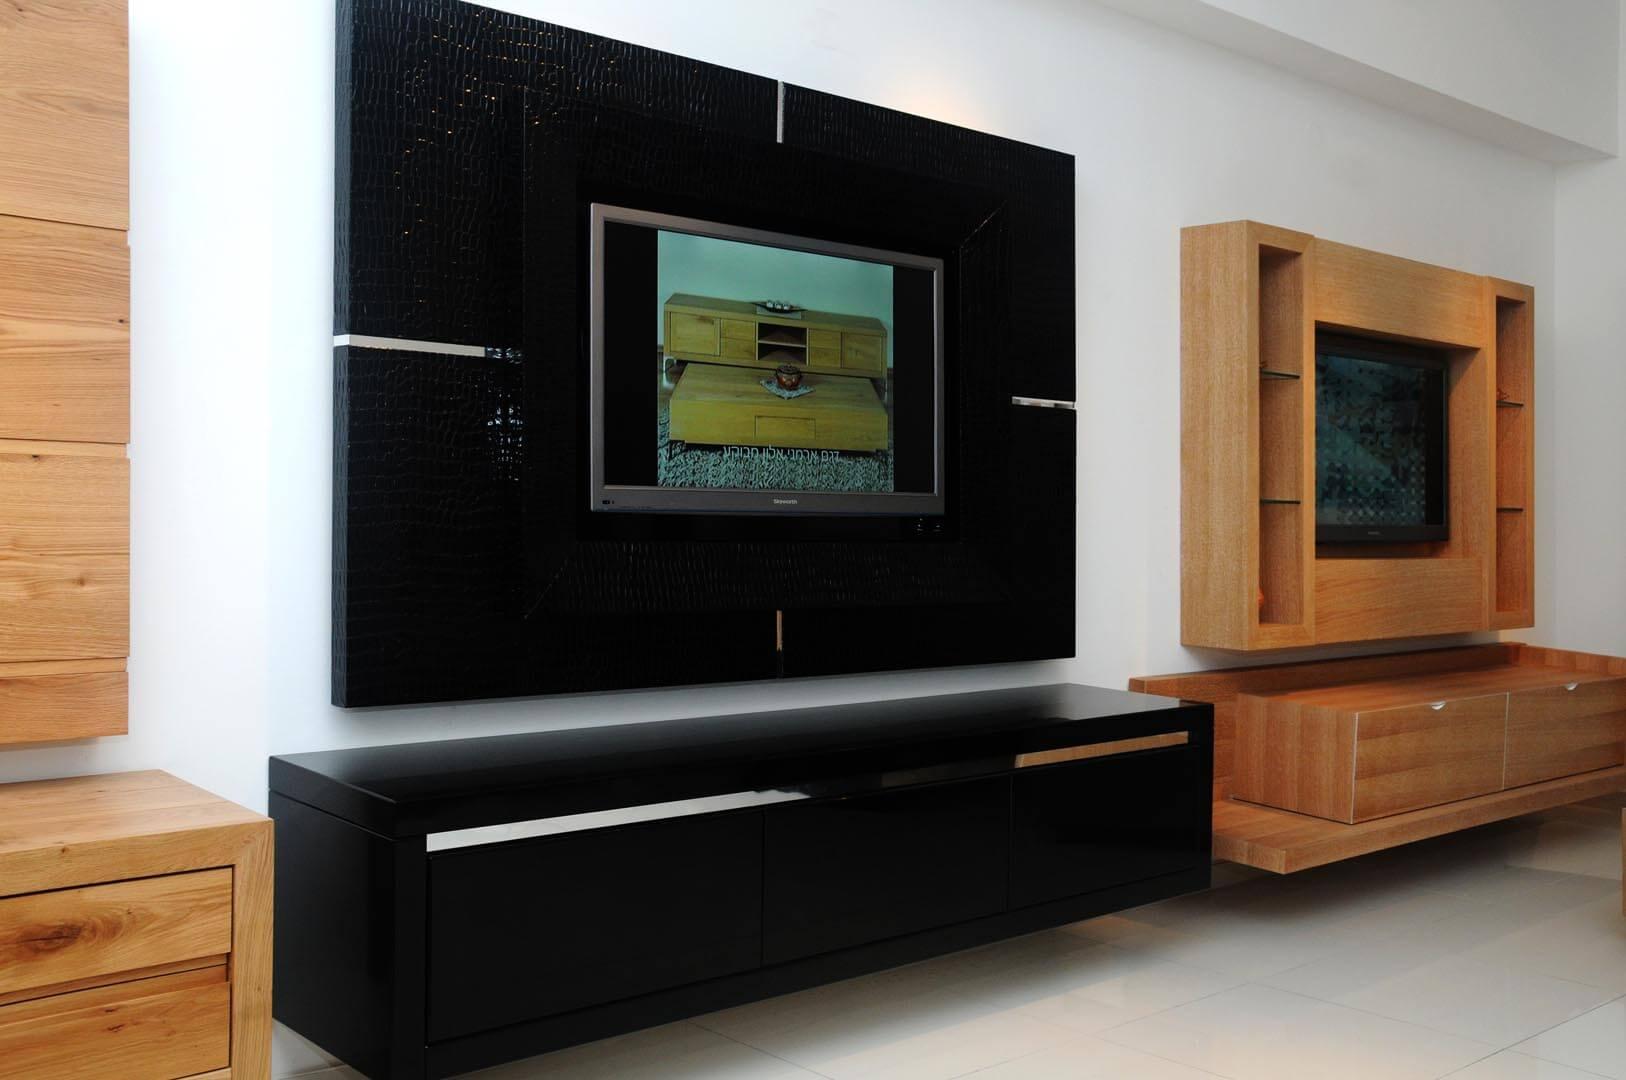 מזנון תלוי שחור לסלון דגם קרוק